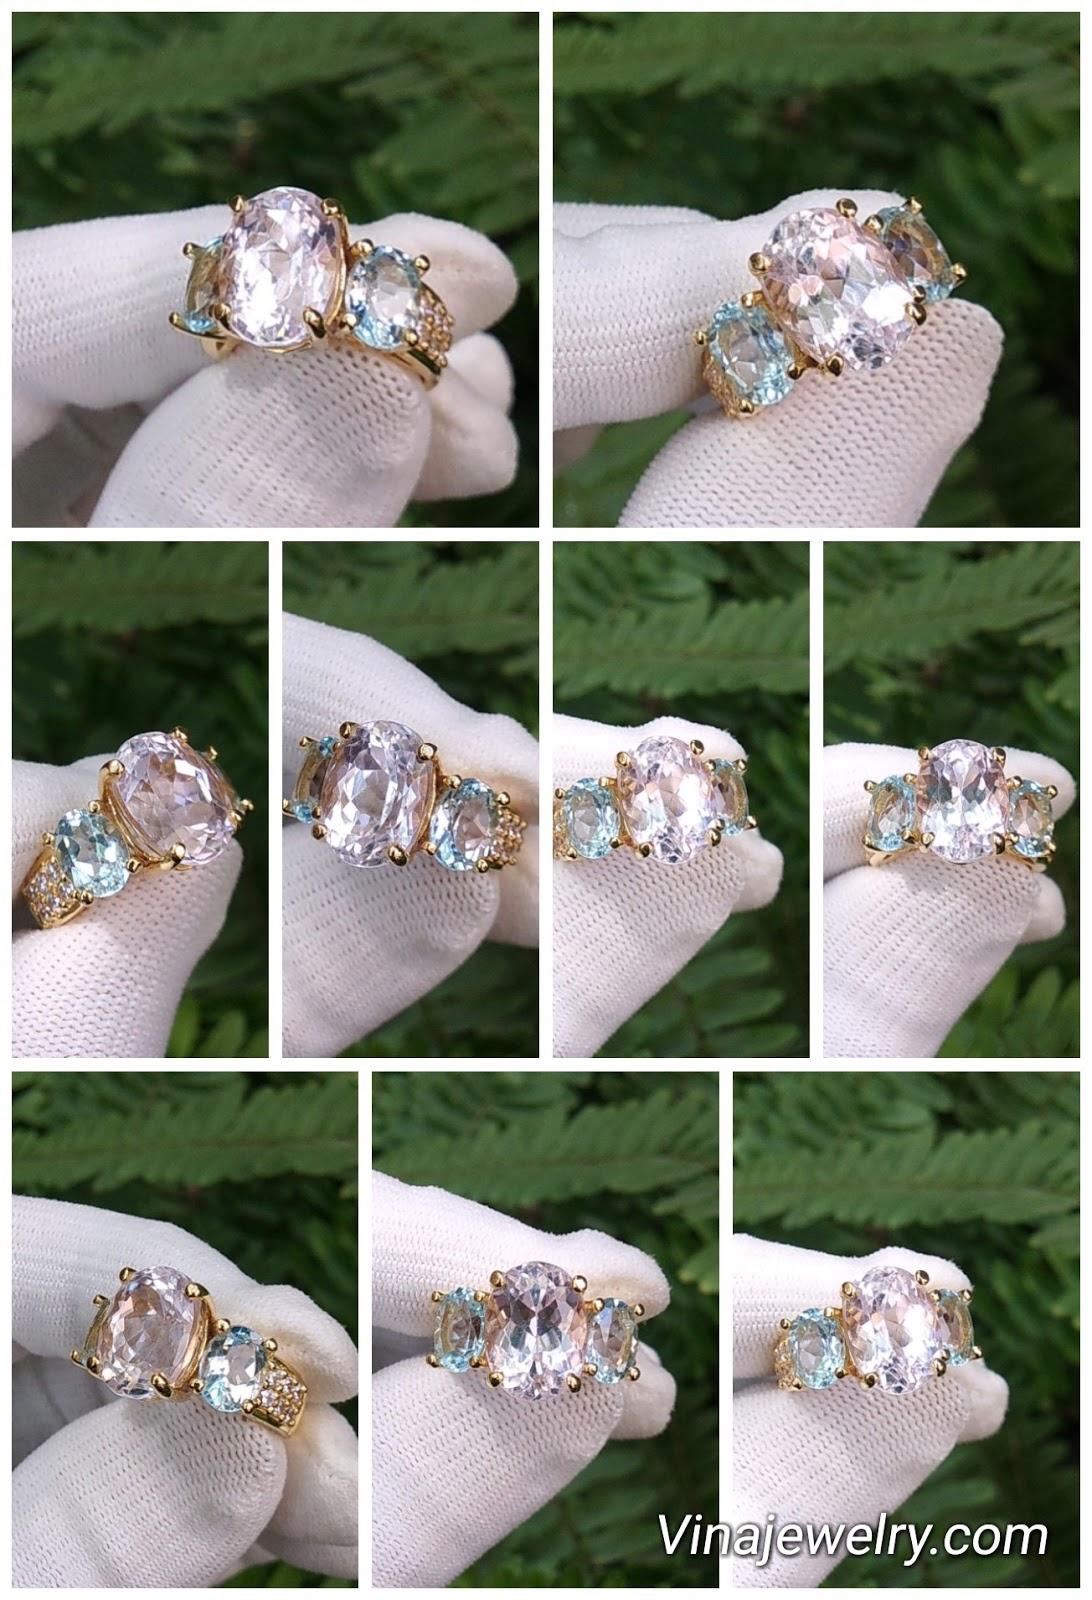 Nhẫn nữ đá Kunzite và Topaz thiên nhiên, vàng 18k